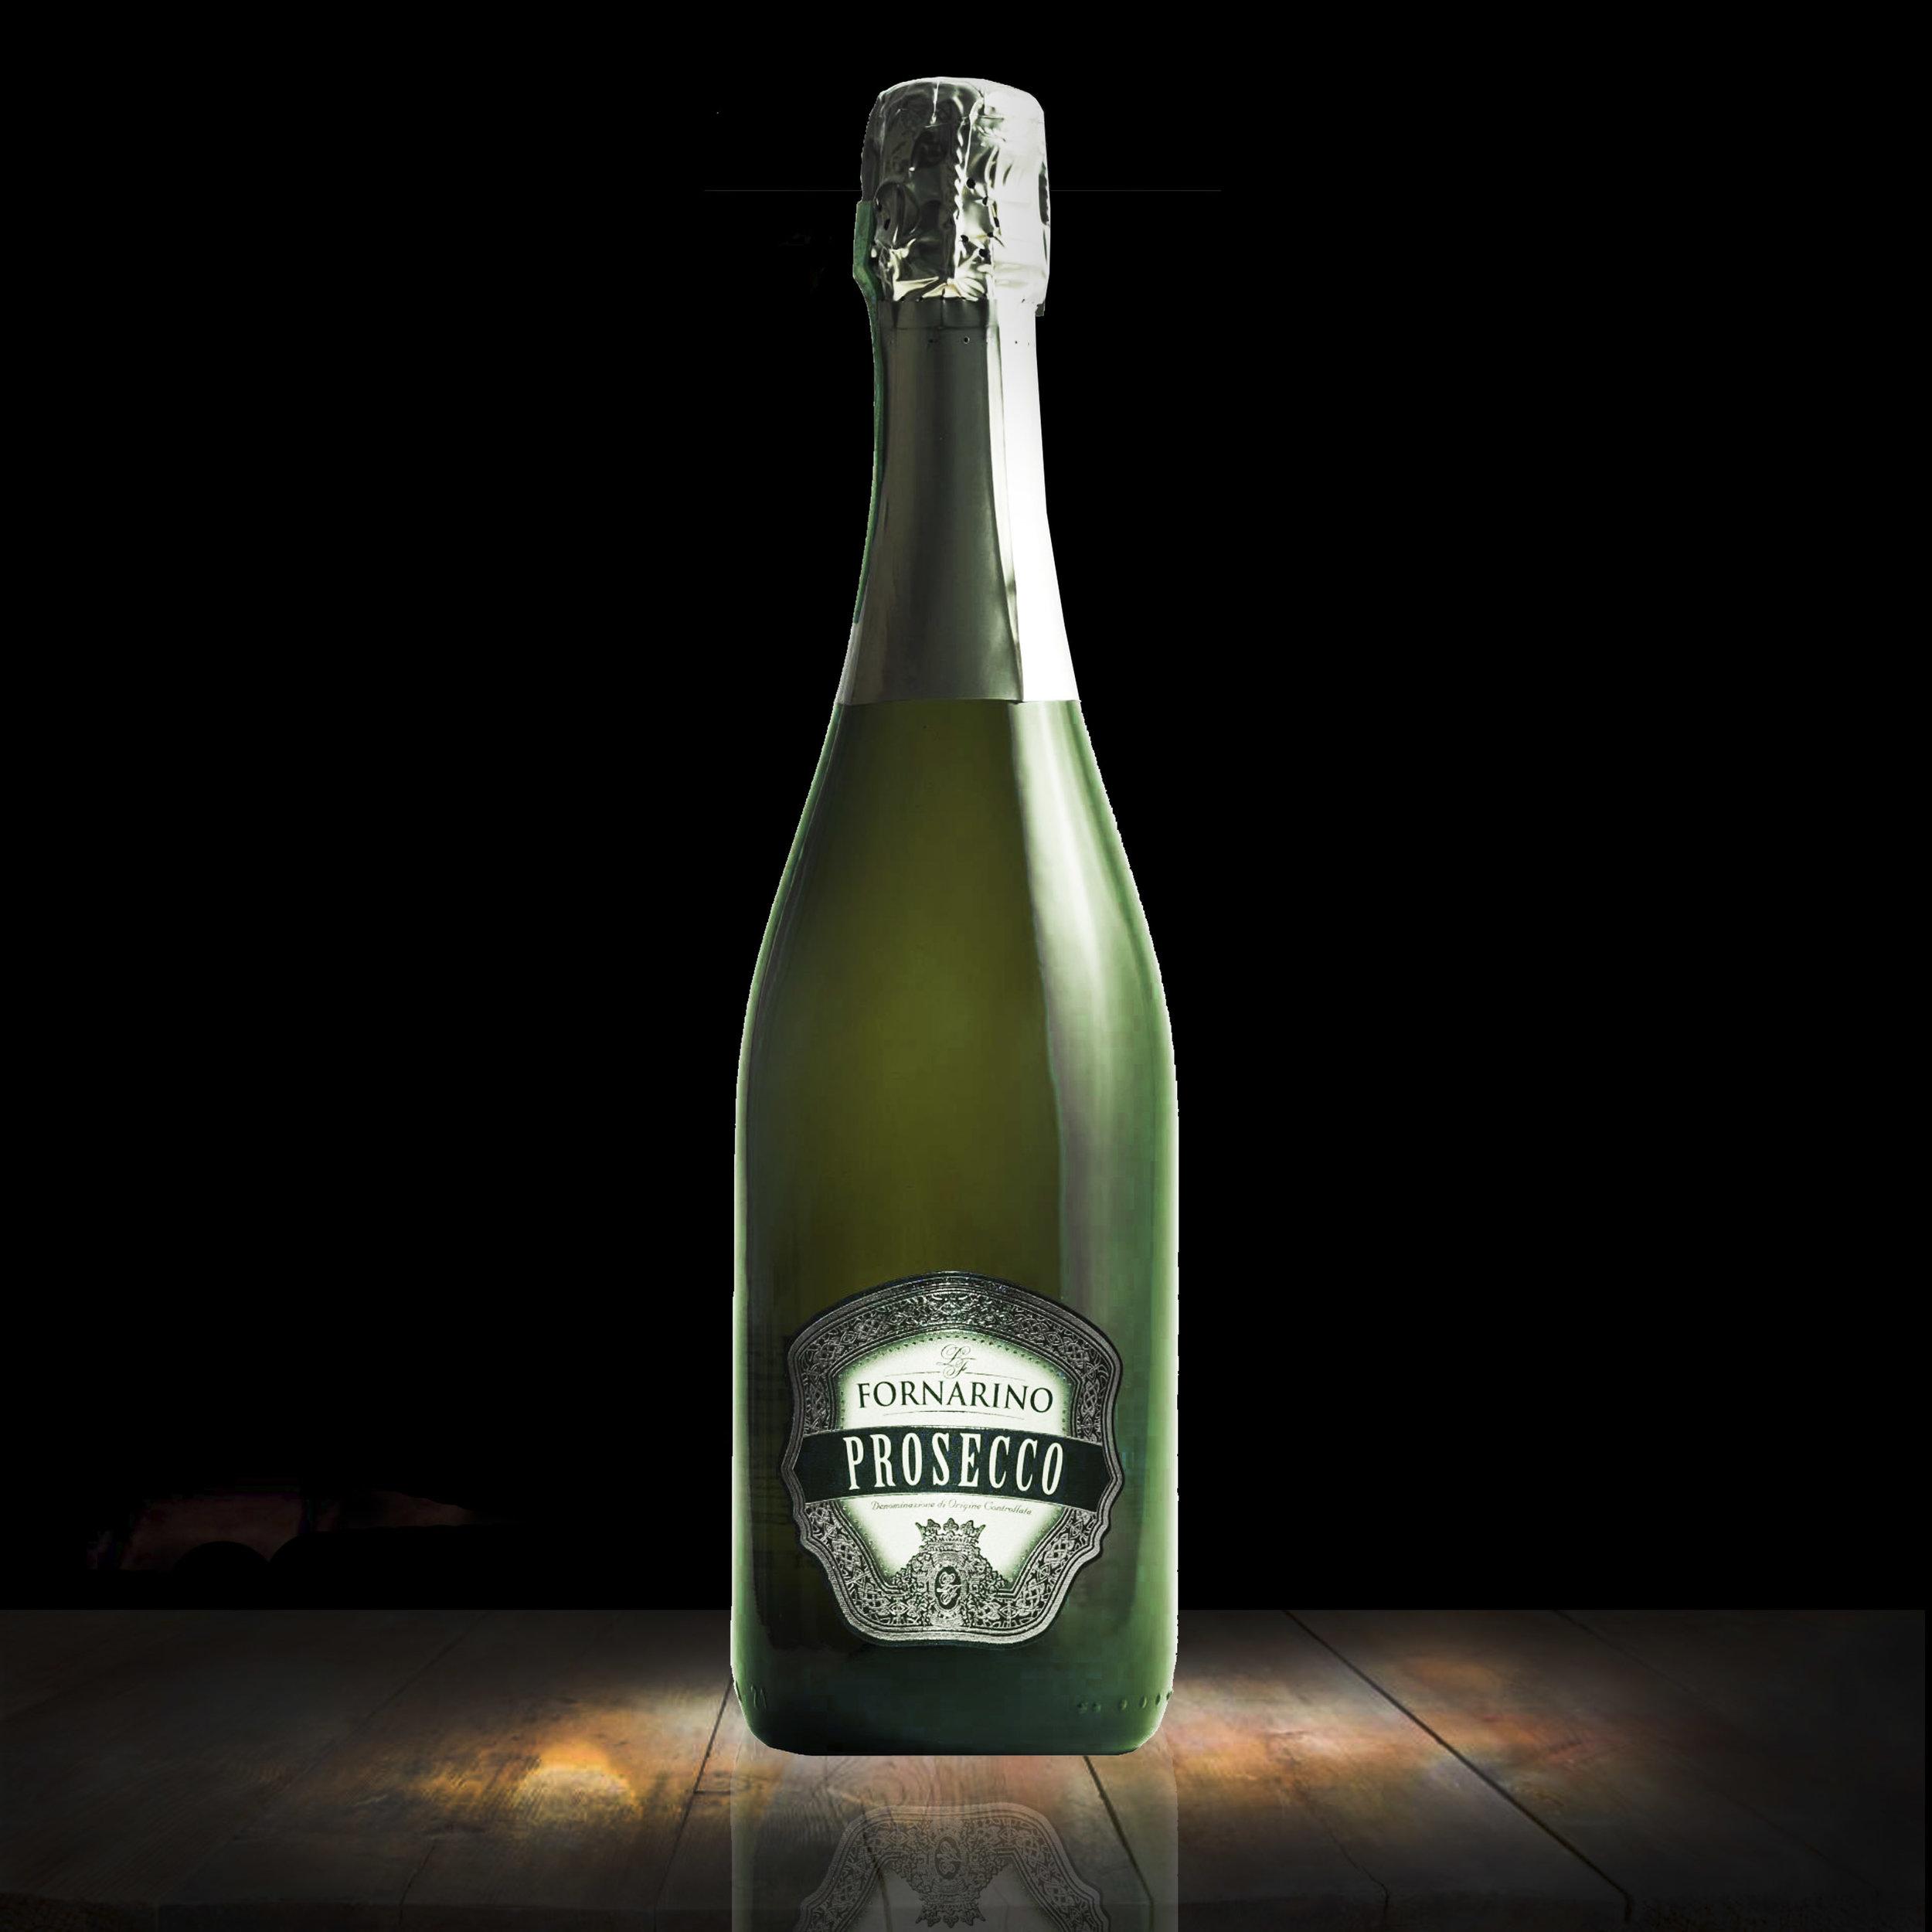 Wine Francoli Fornarino Prosecco.jpg